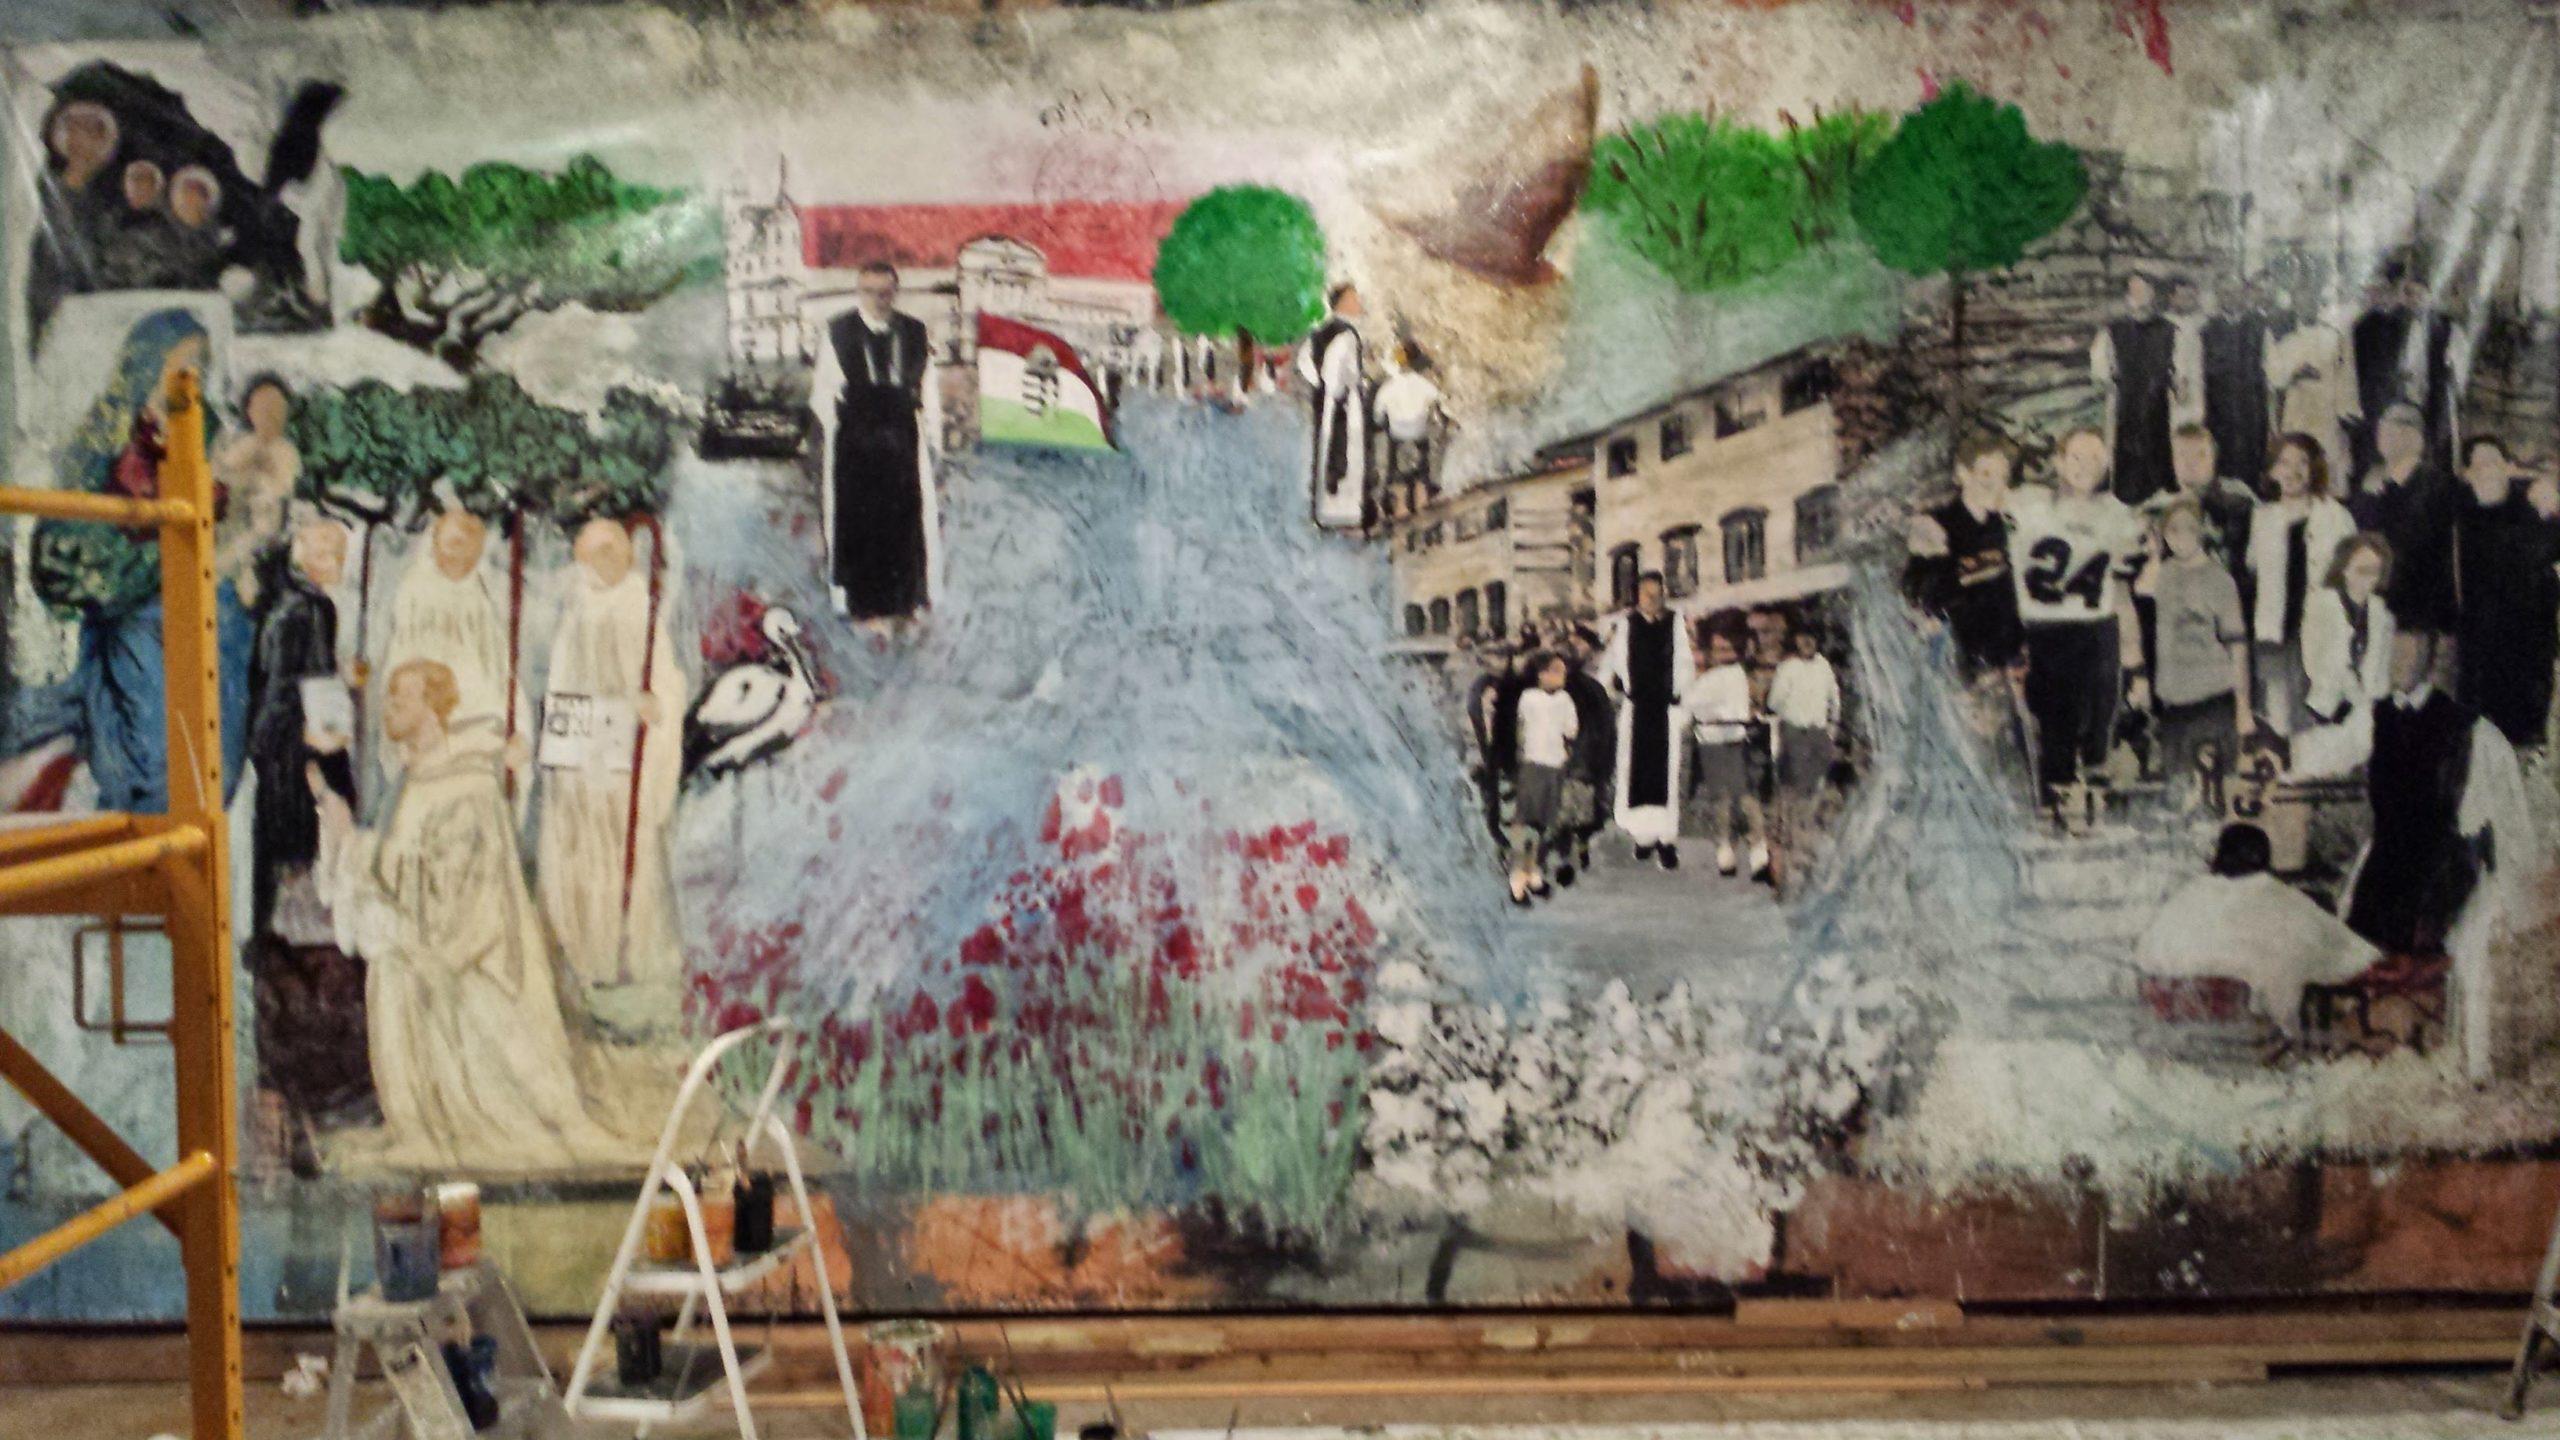 Sacred Wall Mural